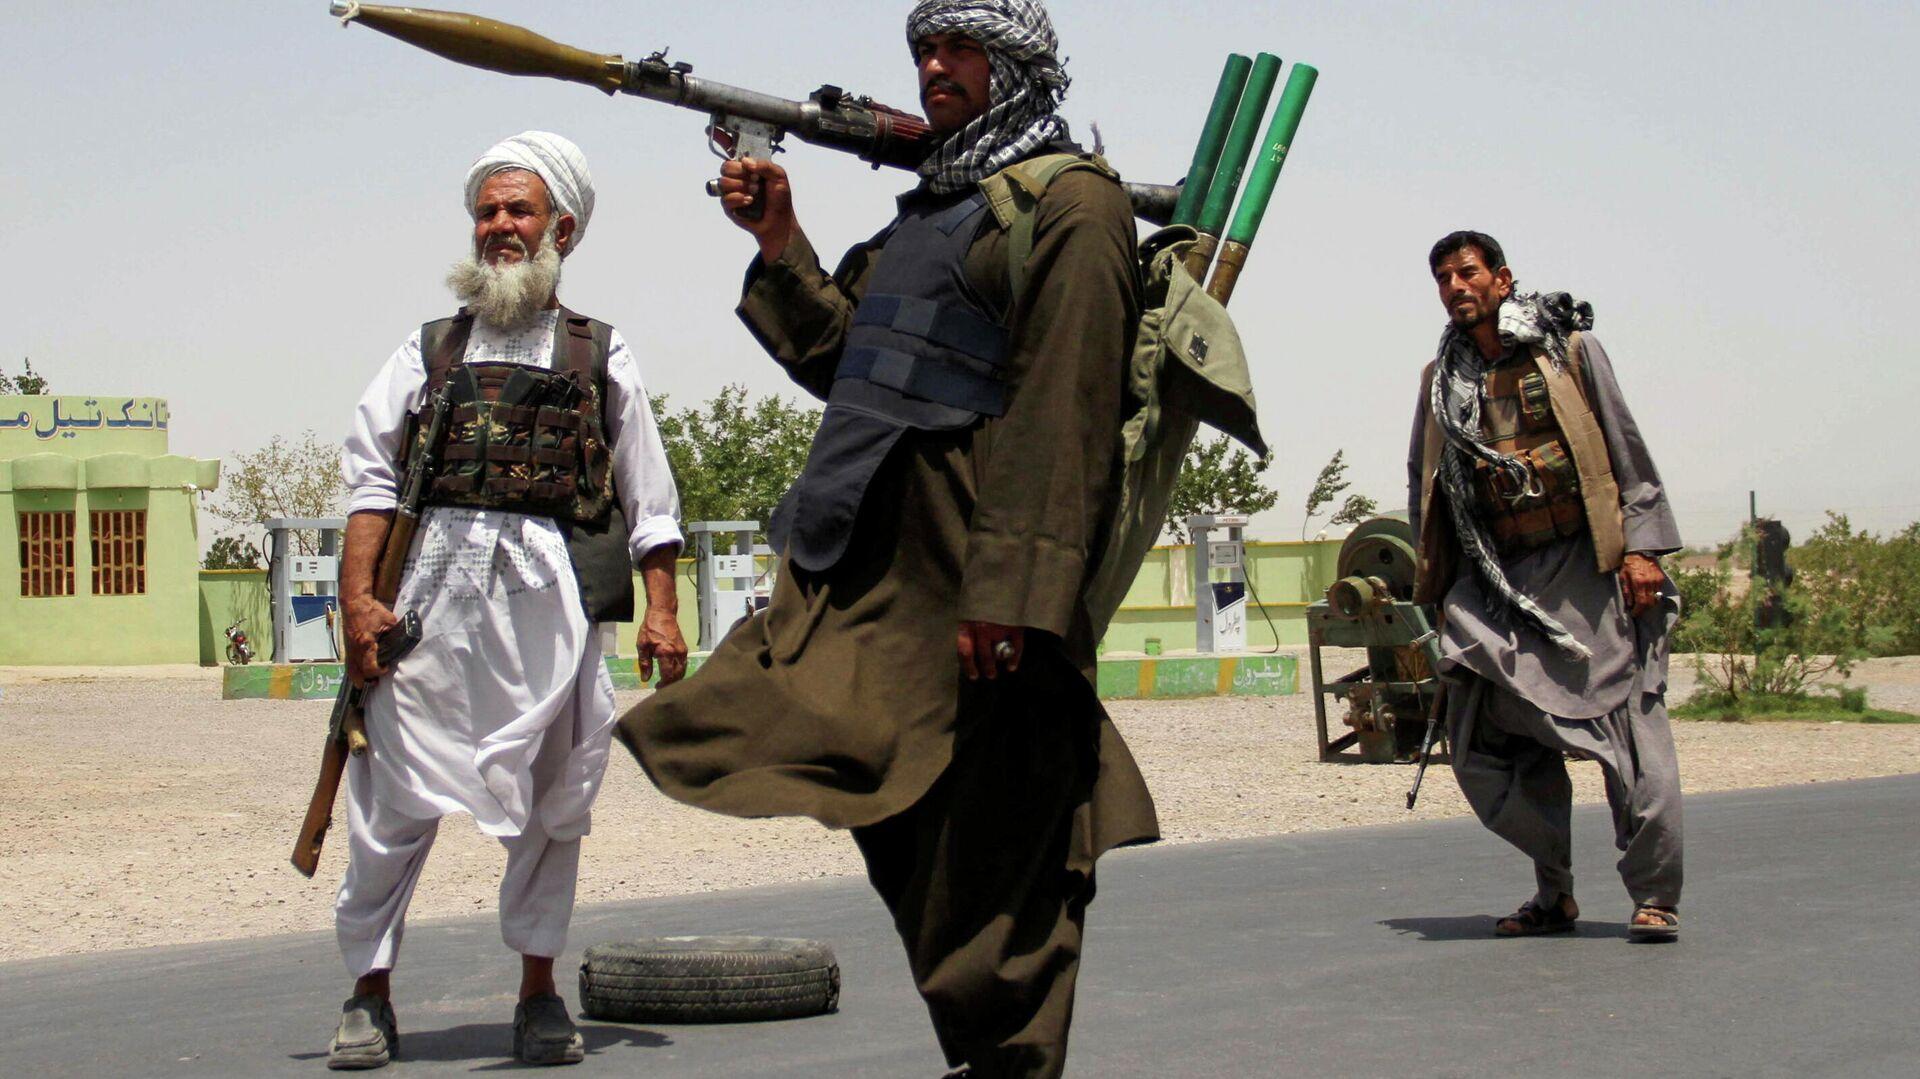 Бывшие моджахеды держат оружие, чтобы поддержать афганские силы в их борьбе против талибов - Sputnik Тоҷикистон, 1920, 28.08.2021